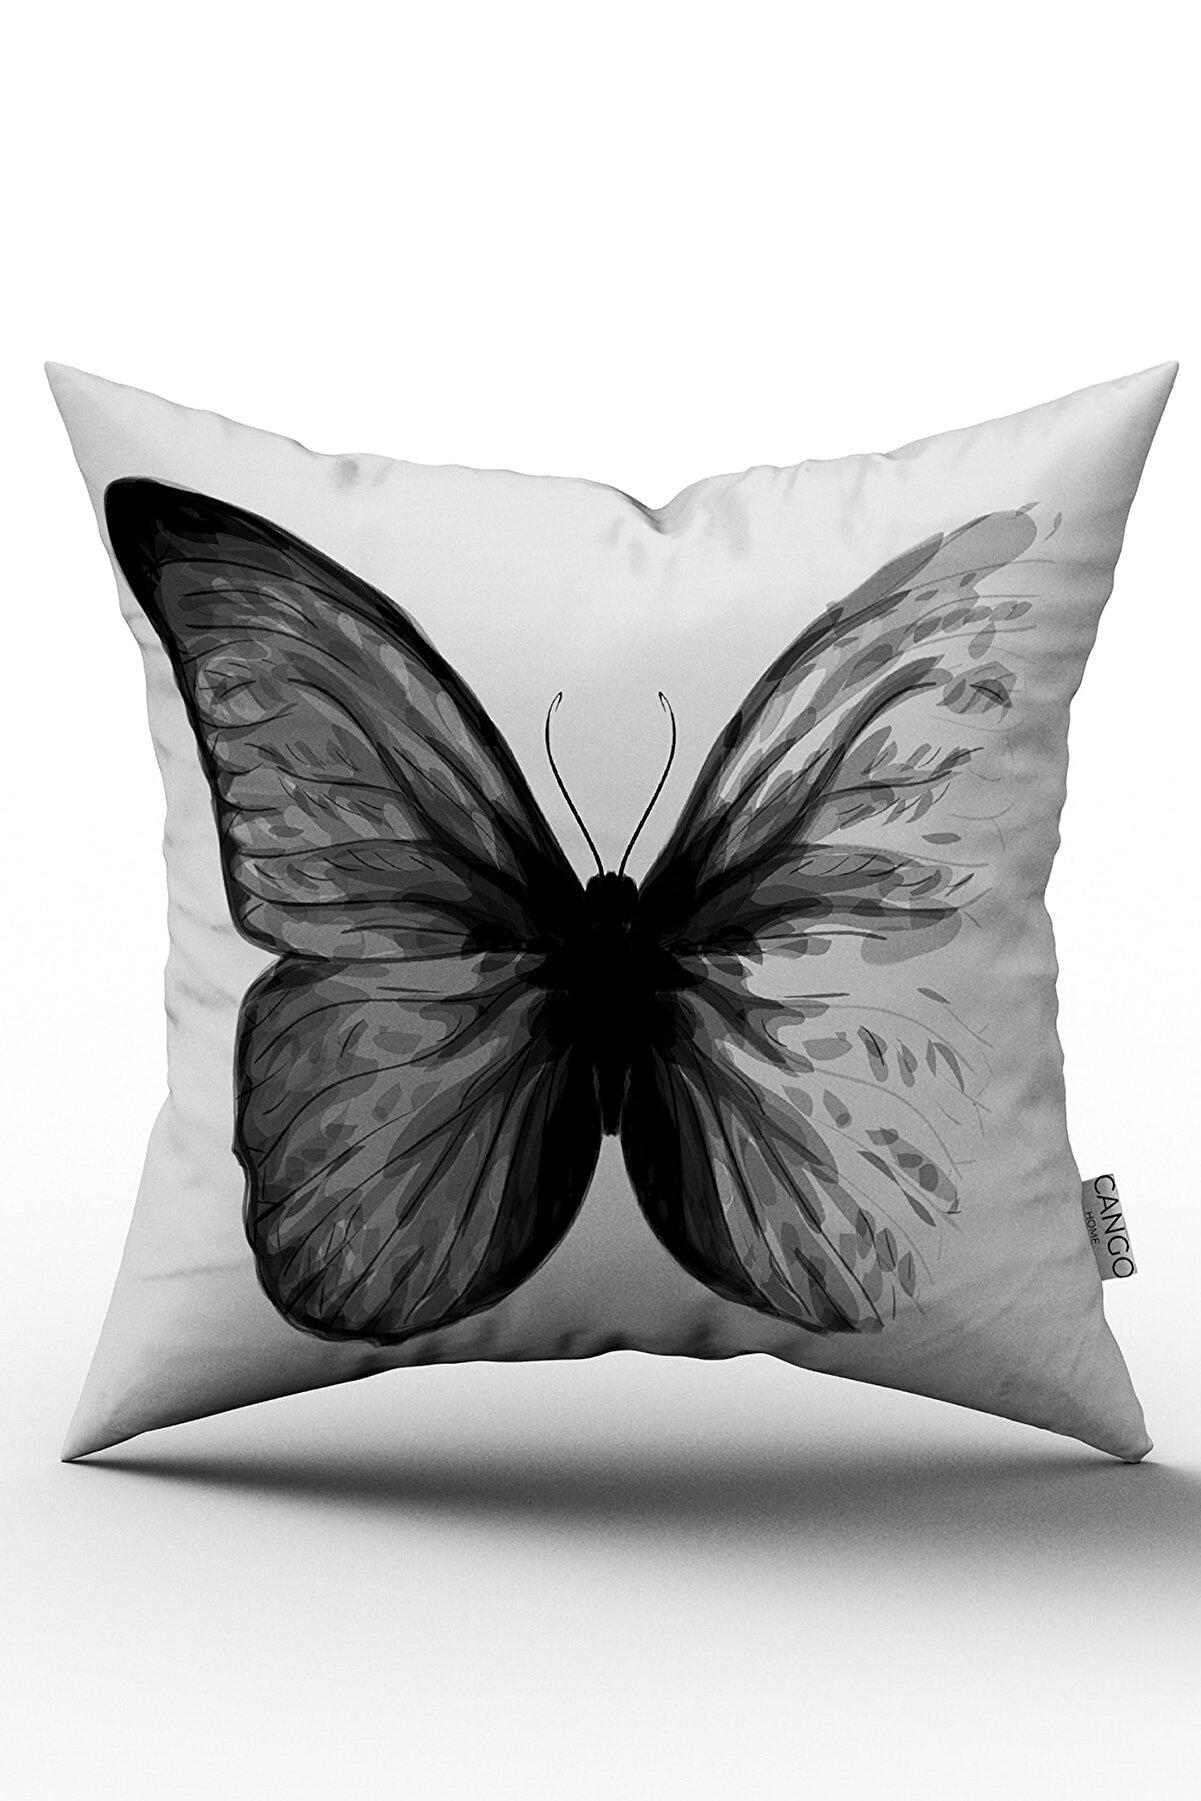 Cango Home Siyah Kelebek Özel Tasarım Yastık Kırlent Kılıfı 576